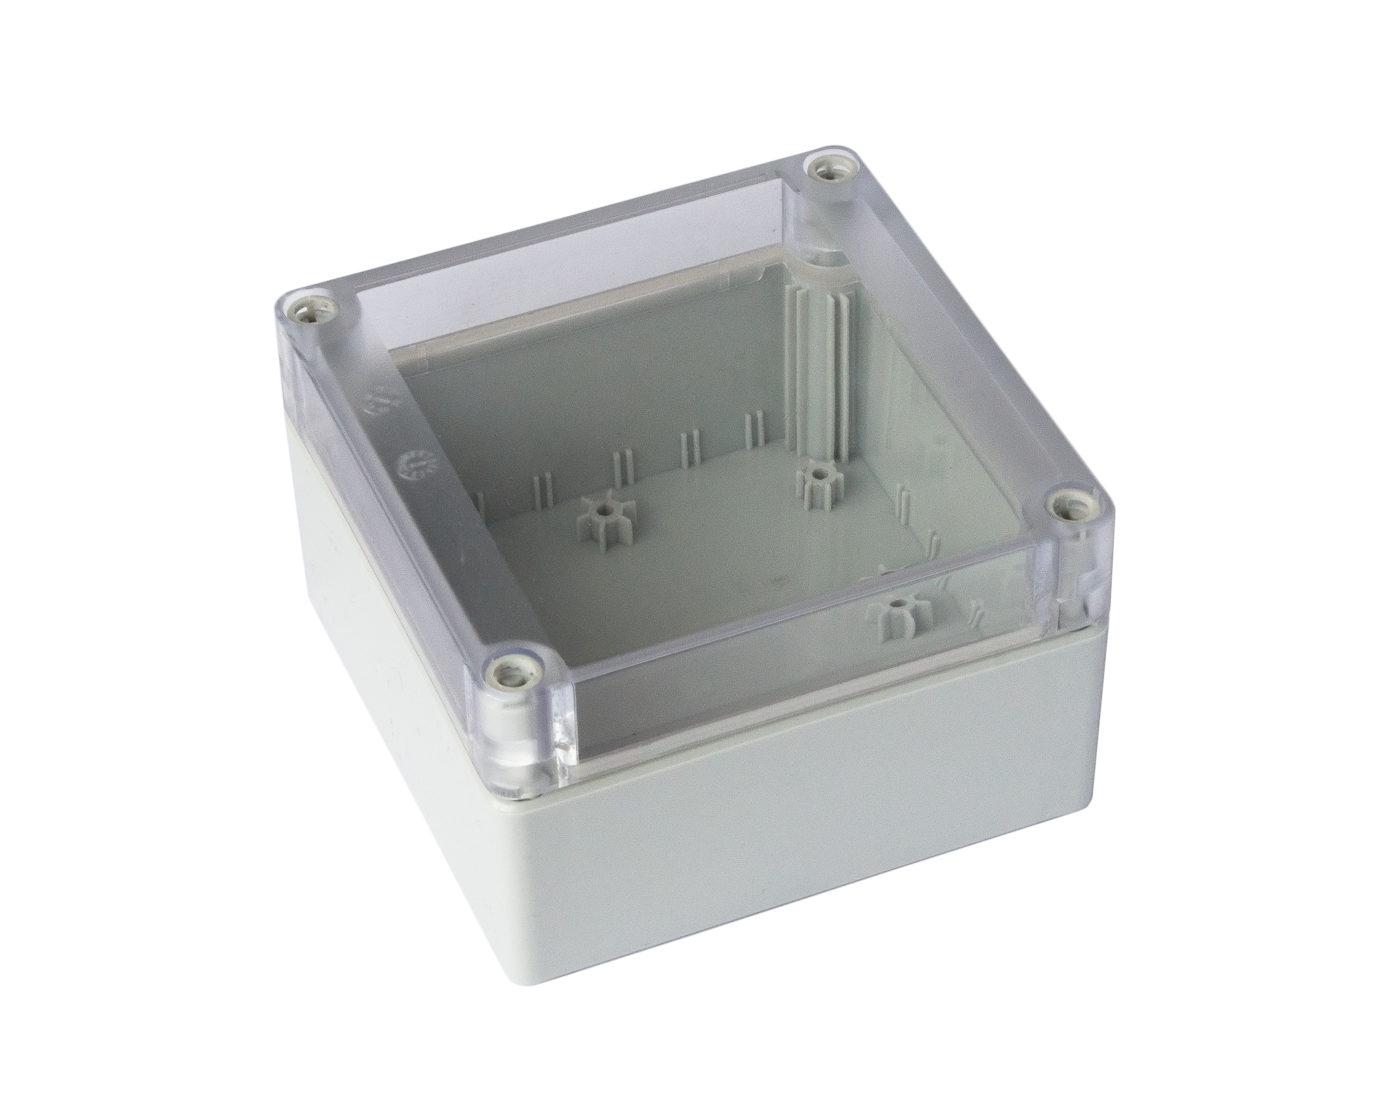 125x125x75mm DN12E IP66 ABS Enclosure